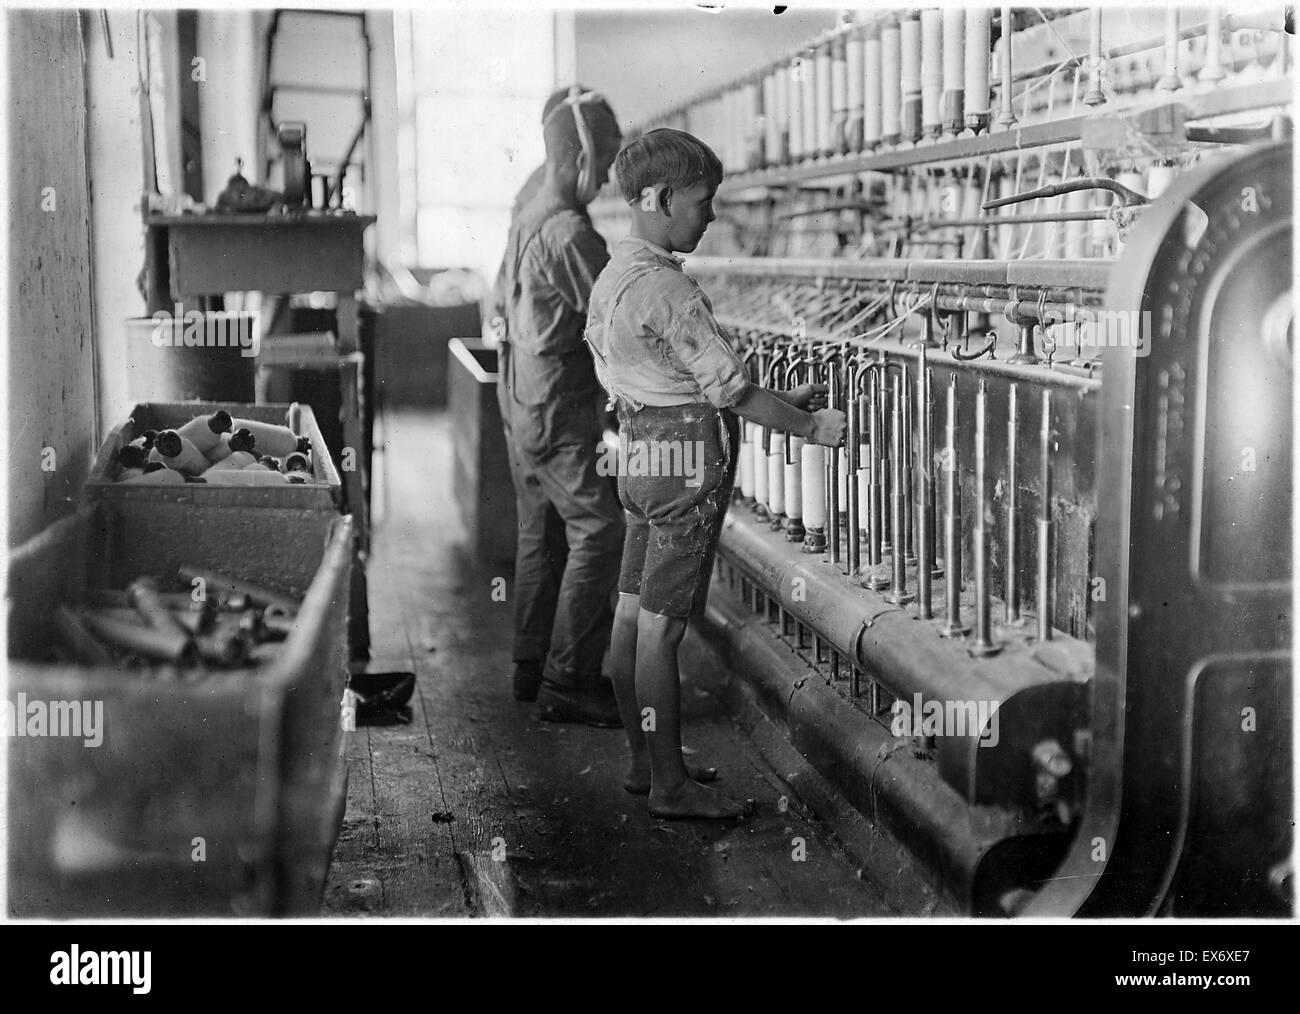 Doffers (travail des enfants) dans une usine de textile, dans la région de Cherryville, North Carolina, USA. 1910 Banque D'Images